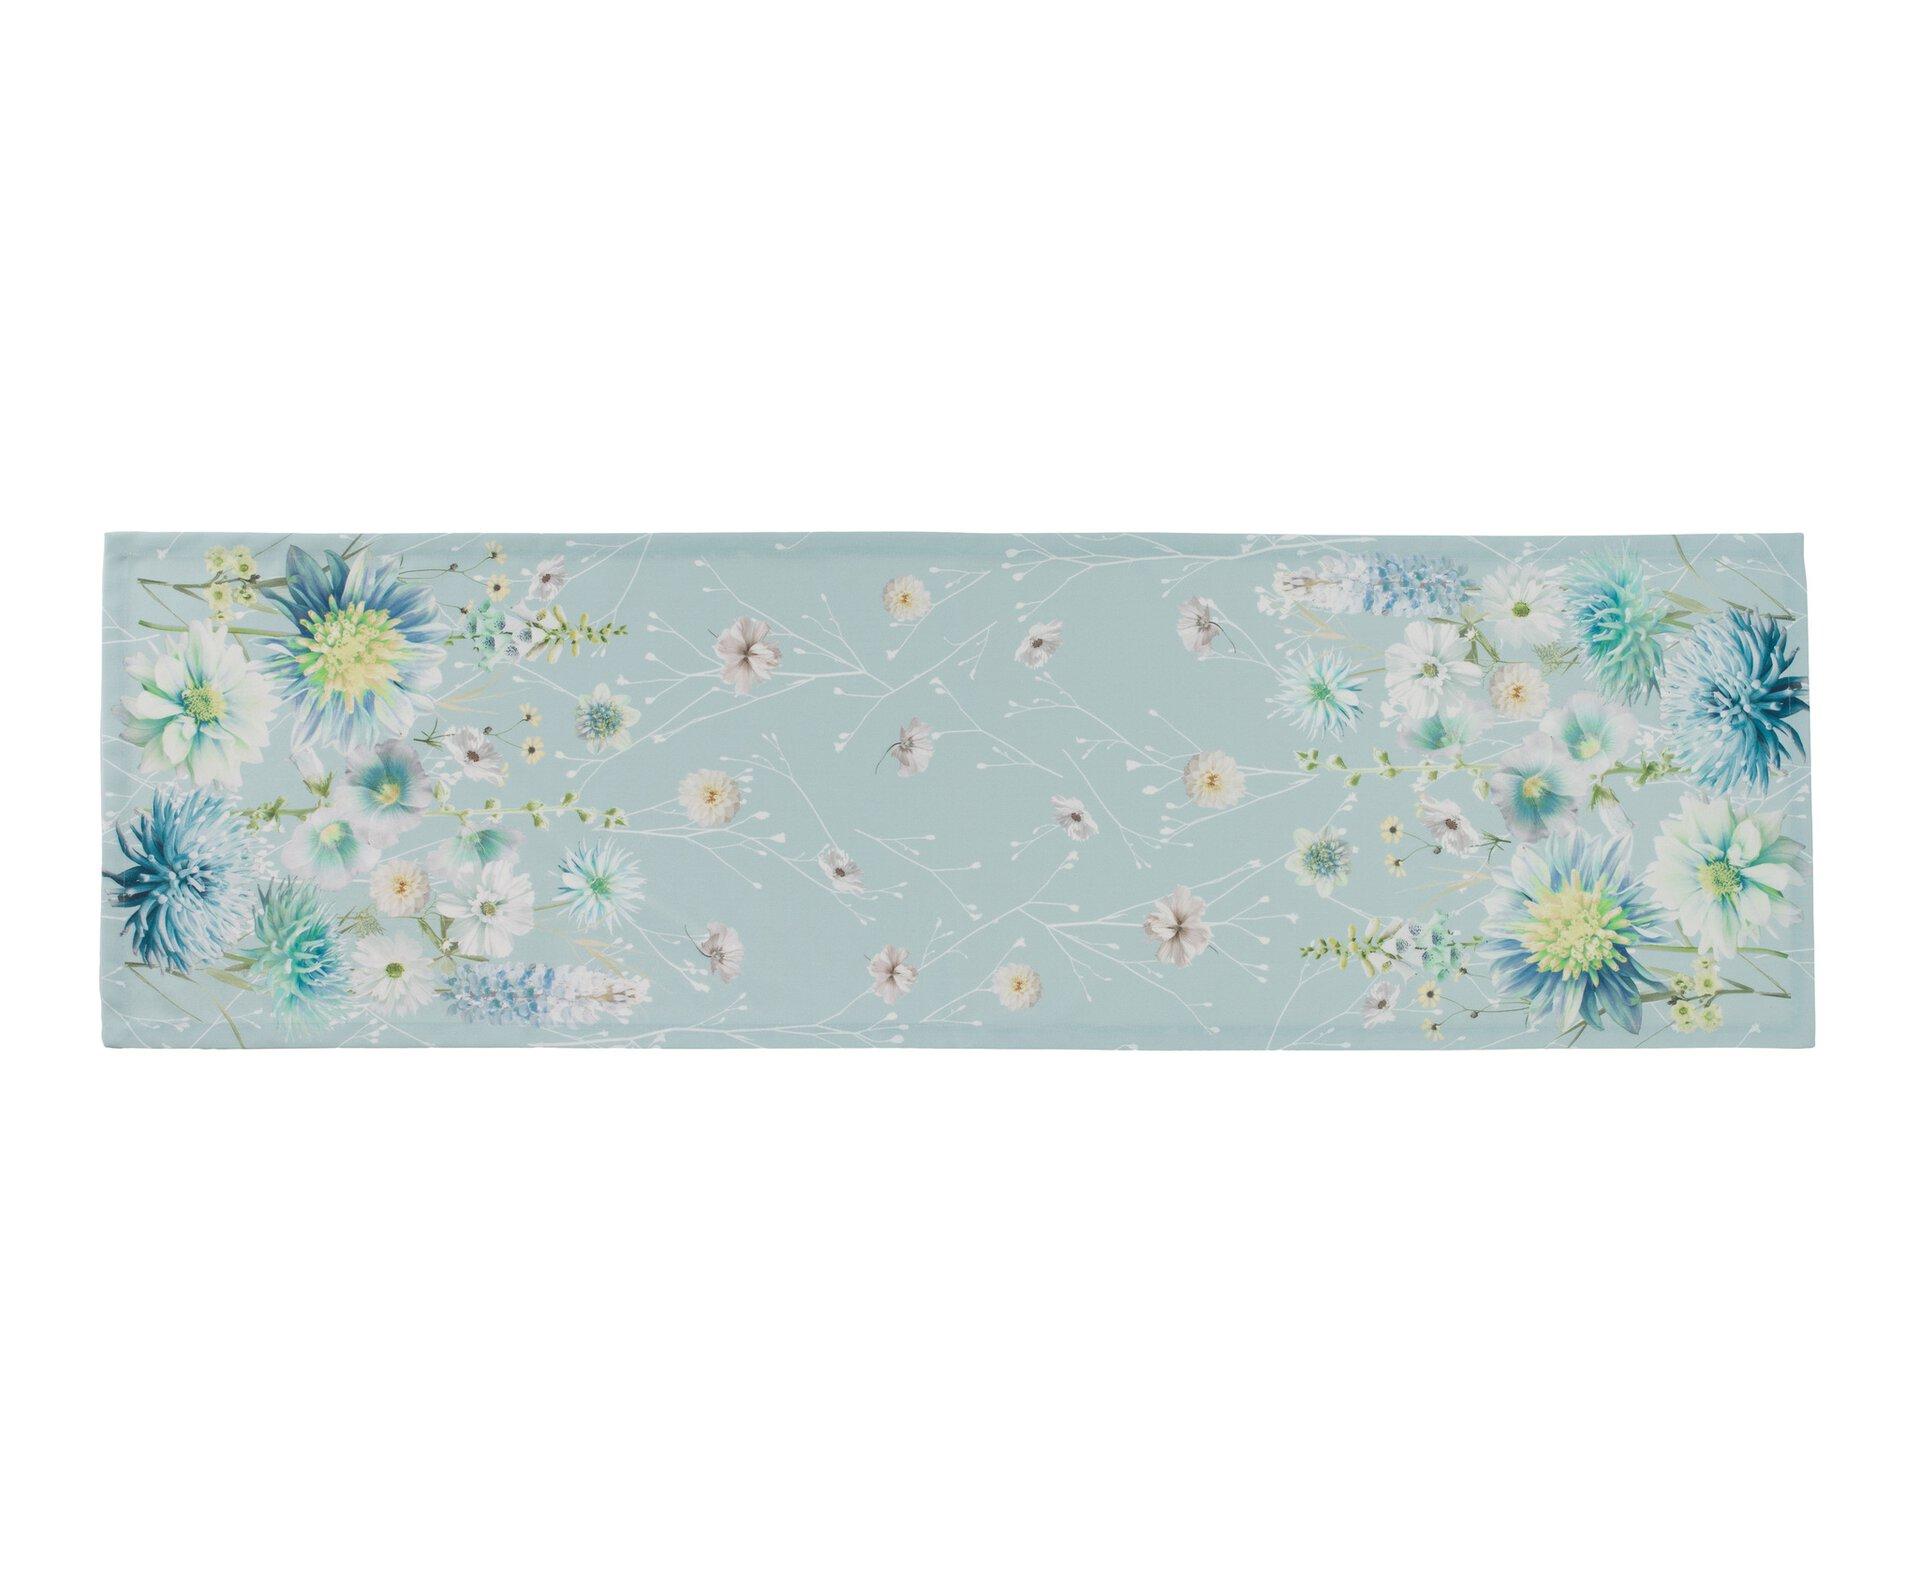 Tischläufer Contessa Ambiente Trendlife Textil Blau 40 x 140 cm